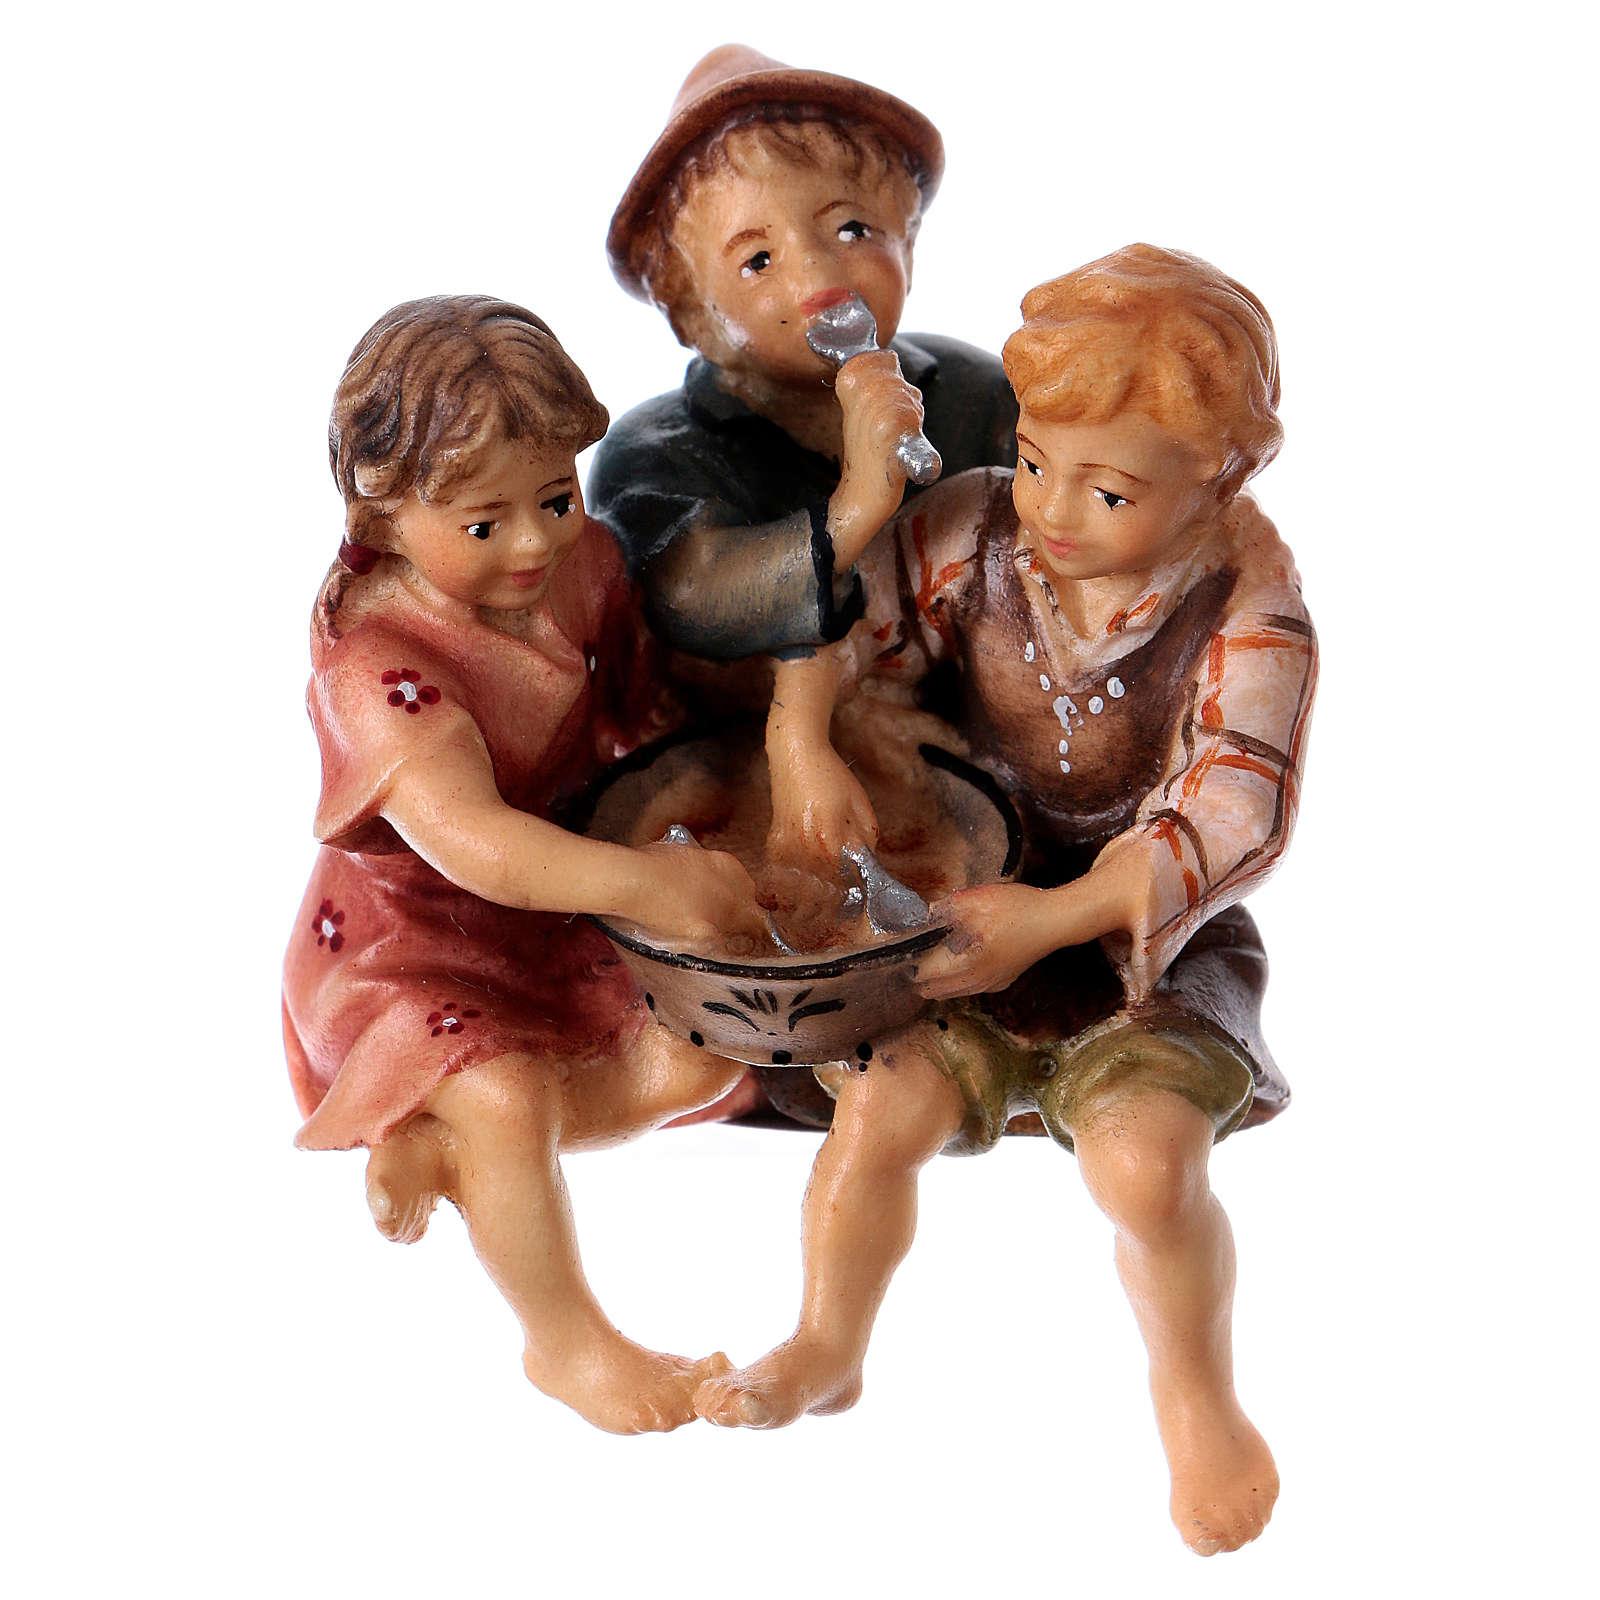 Estatua grupo niños sentados belén Original madera pintada Val Gardena 10 cm de altura media 4